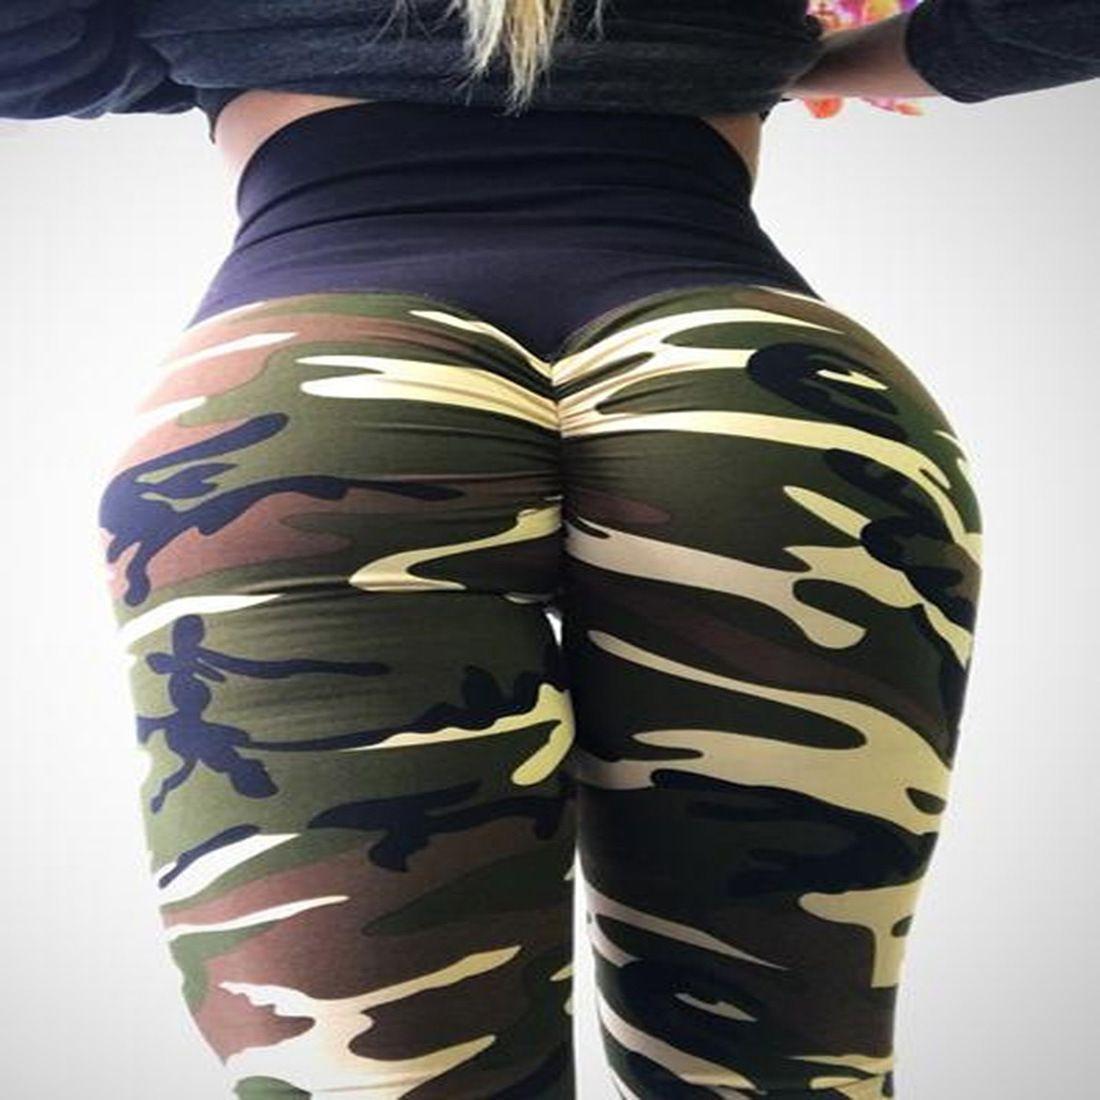 Bayan Için Kamuflaj Seksi Spor Spor Ince Tozluk Kadın Rahat Yüksek Bel Pileli Jogging Yapan Elastik Sıska Pantolon